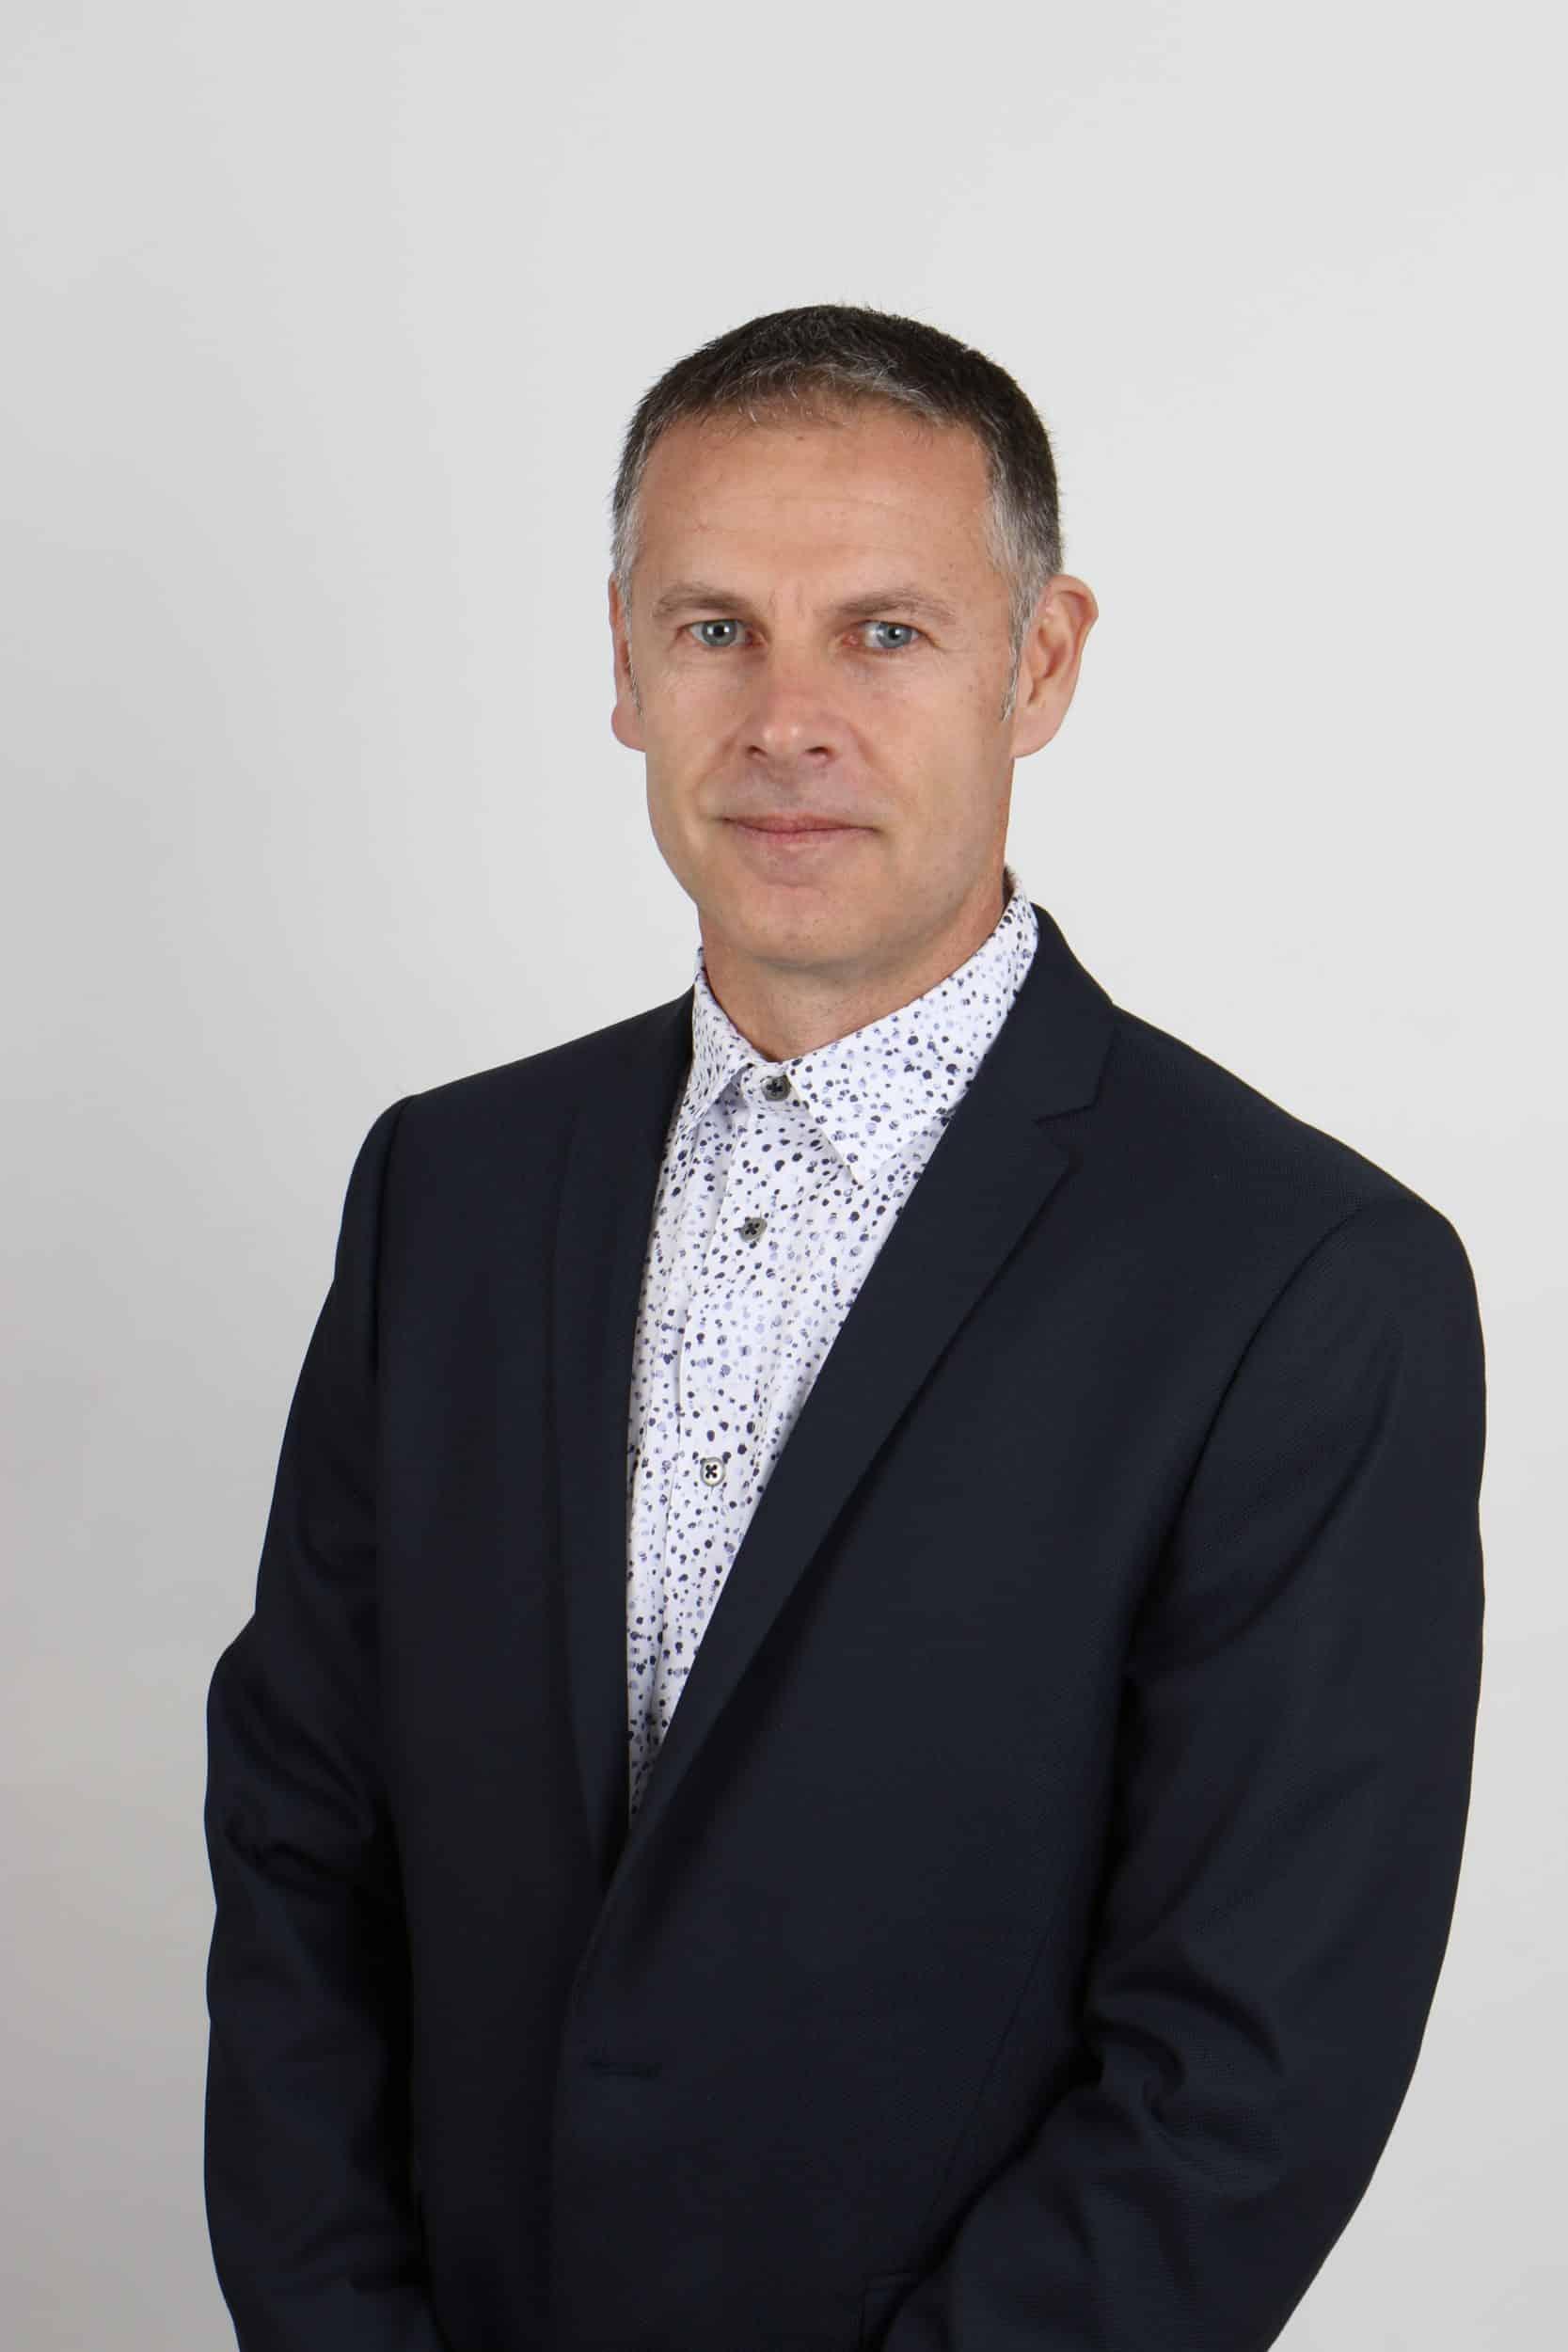 David Carbonell